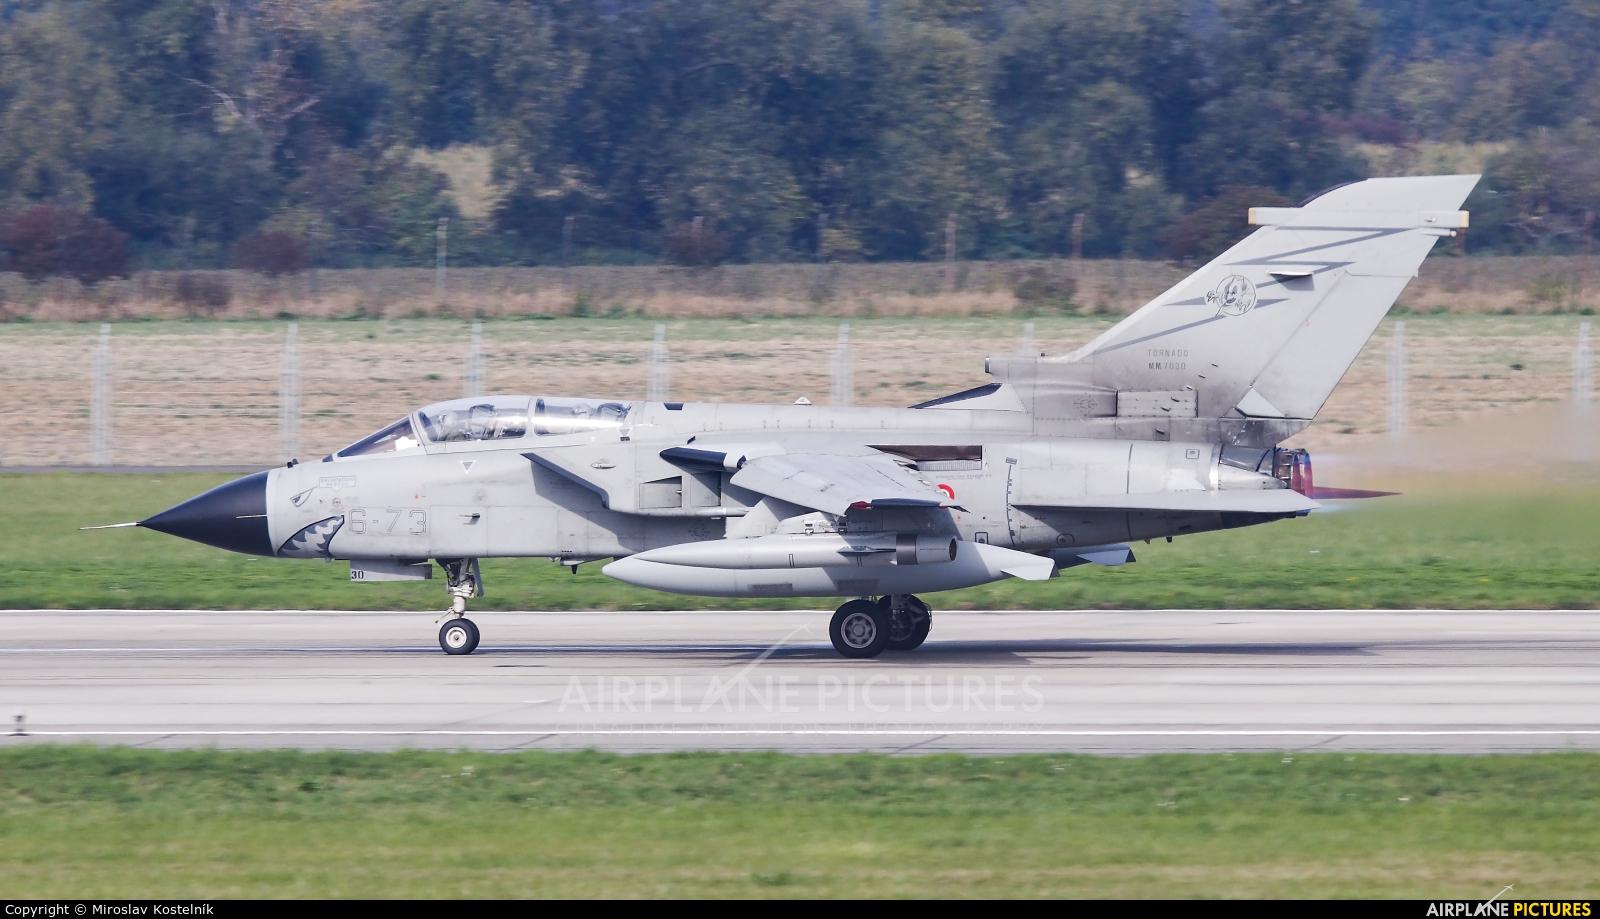 Italy - Air Force MM7030 aircraft at Ostrava Mošnov